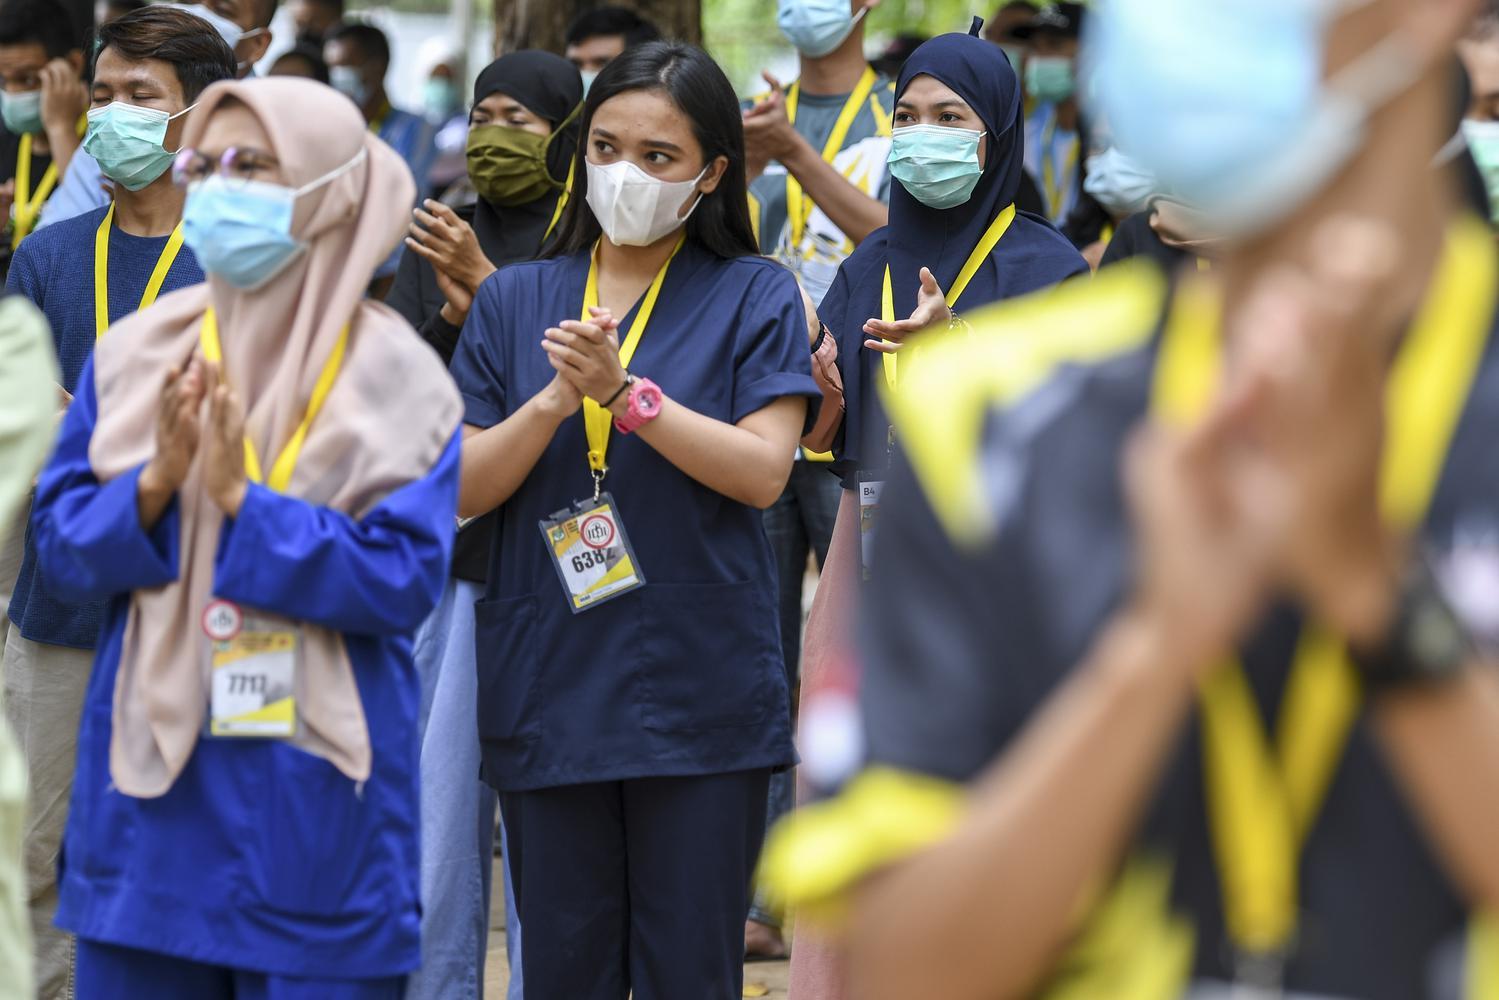 Sejumlah tenaga kesehatan dan non tenaga kesehatan bertepuk tangan saat menghadiri peringatan Hari Kesehatan Nasional (HKN) ke-56 di Rumah Sakit Darurat COVID-19 Wisma Atlet Kemayoran di Jakarta, Kamis (12/11/2020). Dalam peringatan tersebut Kementerian Kesehatan mengajak masyarakat untuk memperingatinya dengan gerakan tepuk tangan selama 56 detik, sebagai bentuk apresiasi kepada para tenaga kesehatan dan masyarakat yang melaksanakan protokol kesehatan untuk mencegah penularan COVID-19.